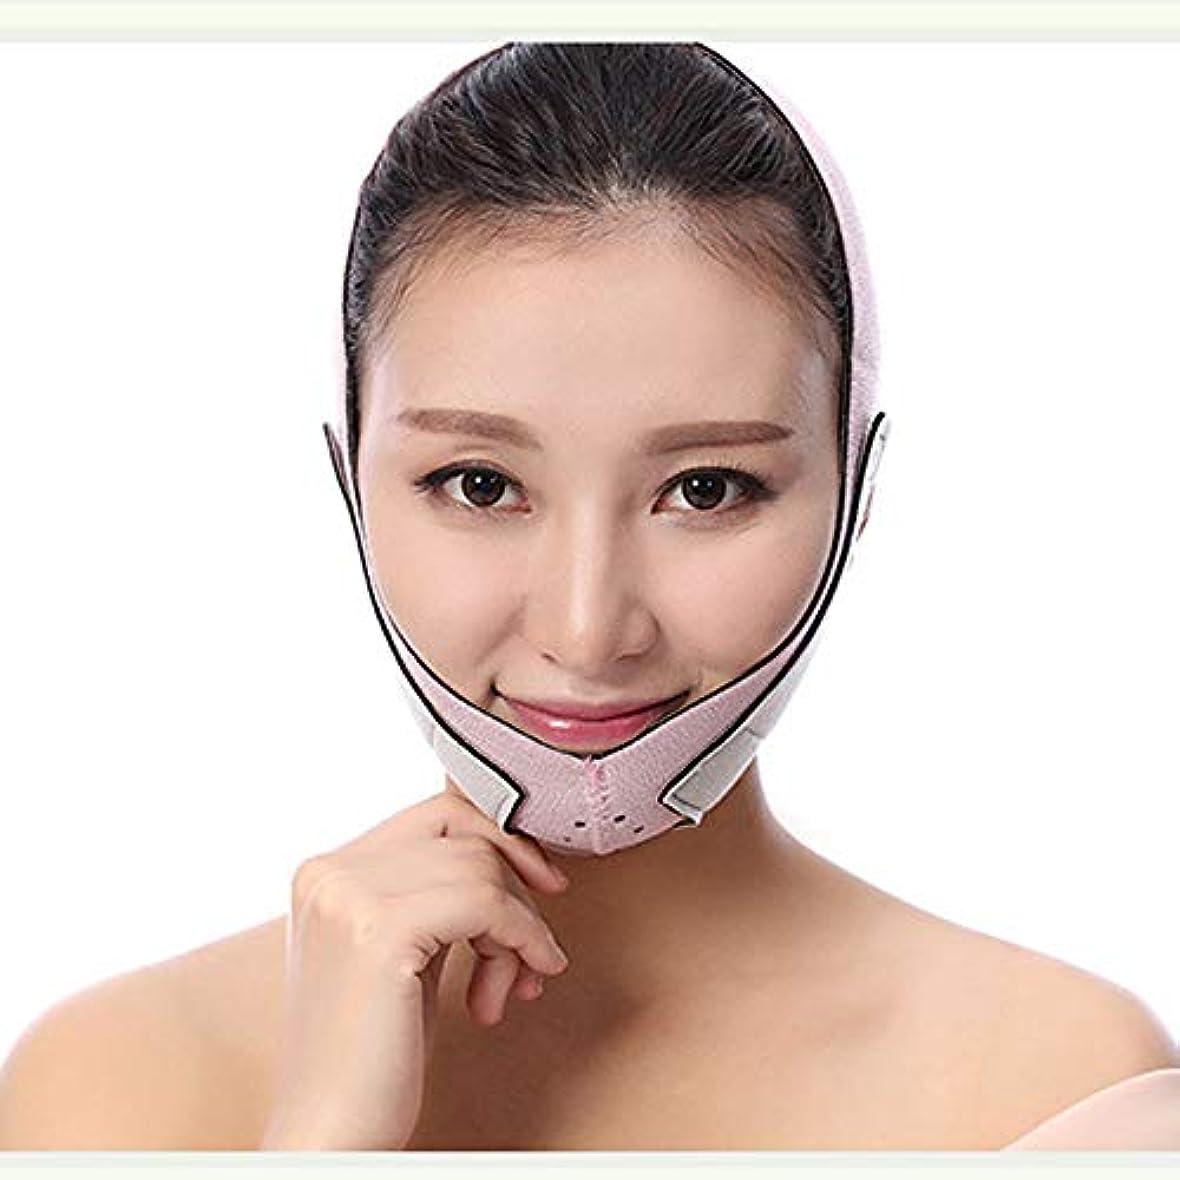 パーティション主導権料理ユニセックス薄型フェイス包帯、美容リフト引き締めサイズVフェイスダブルあご睡眠マスク(ピンク)